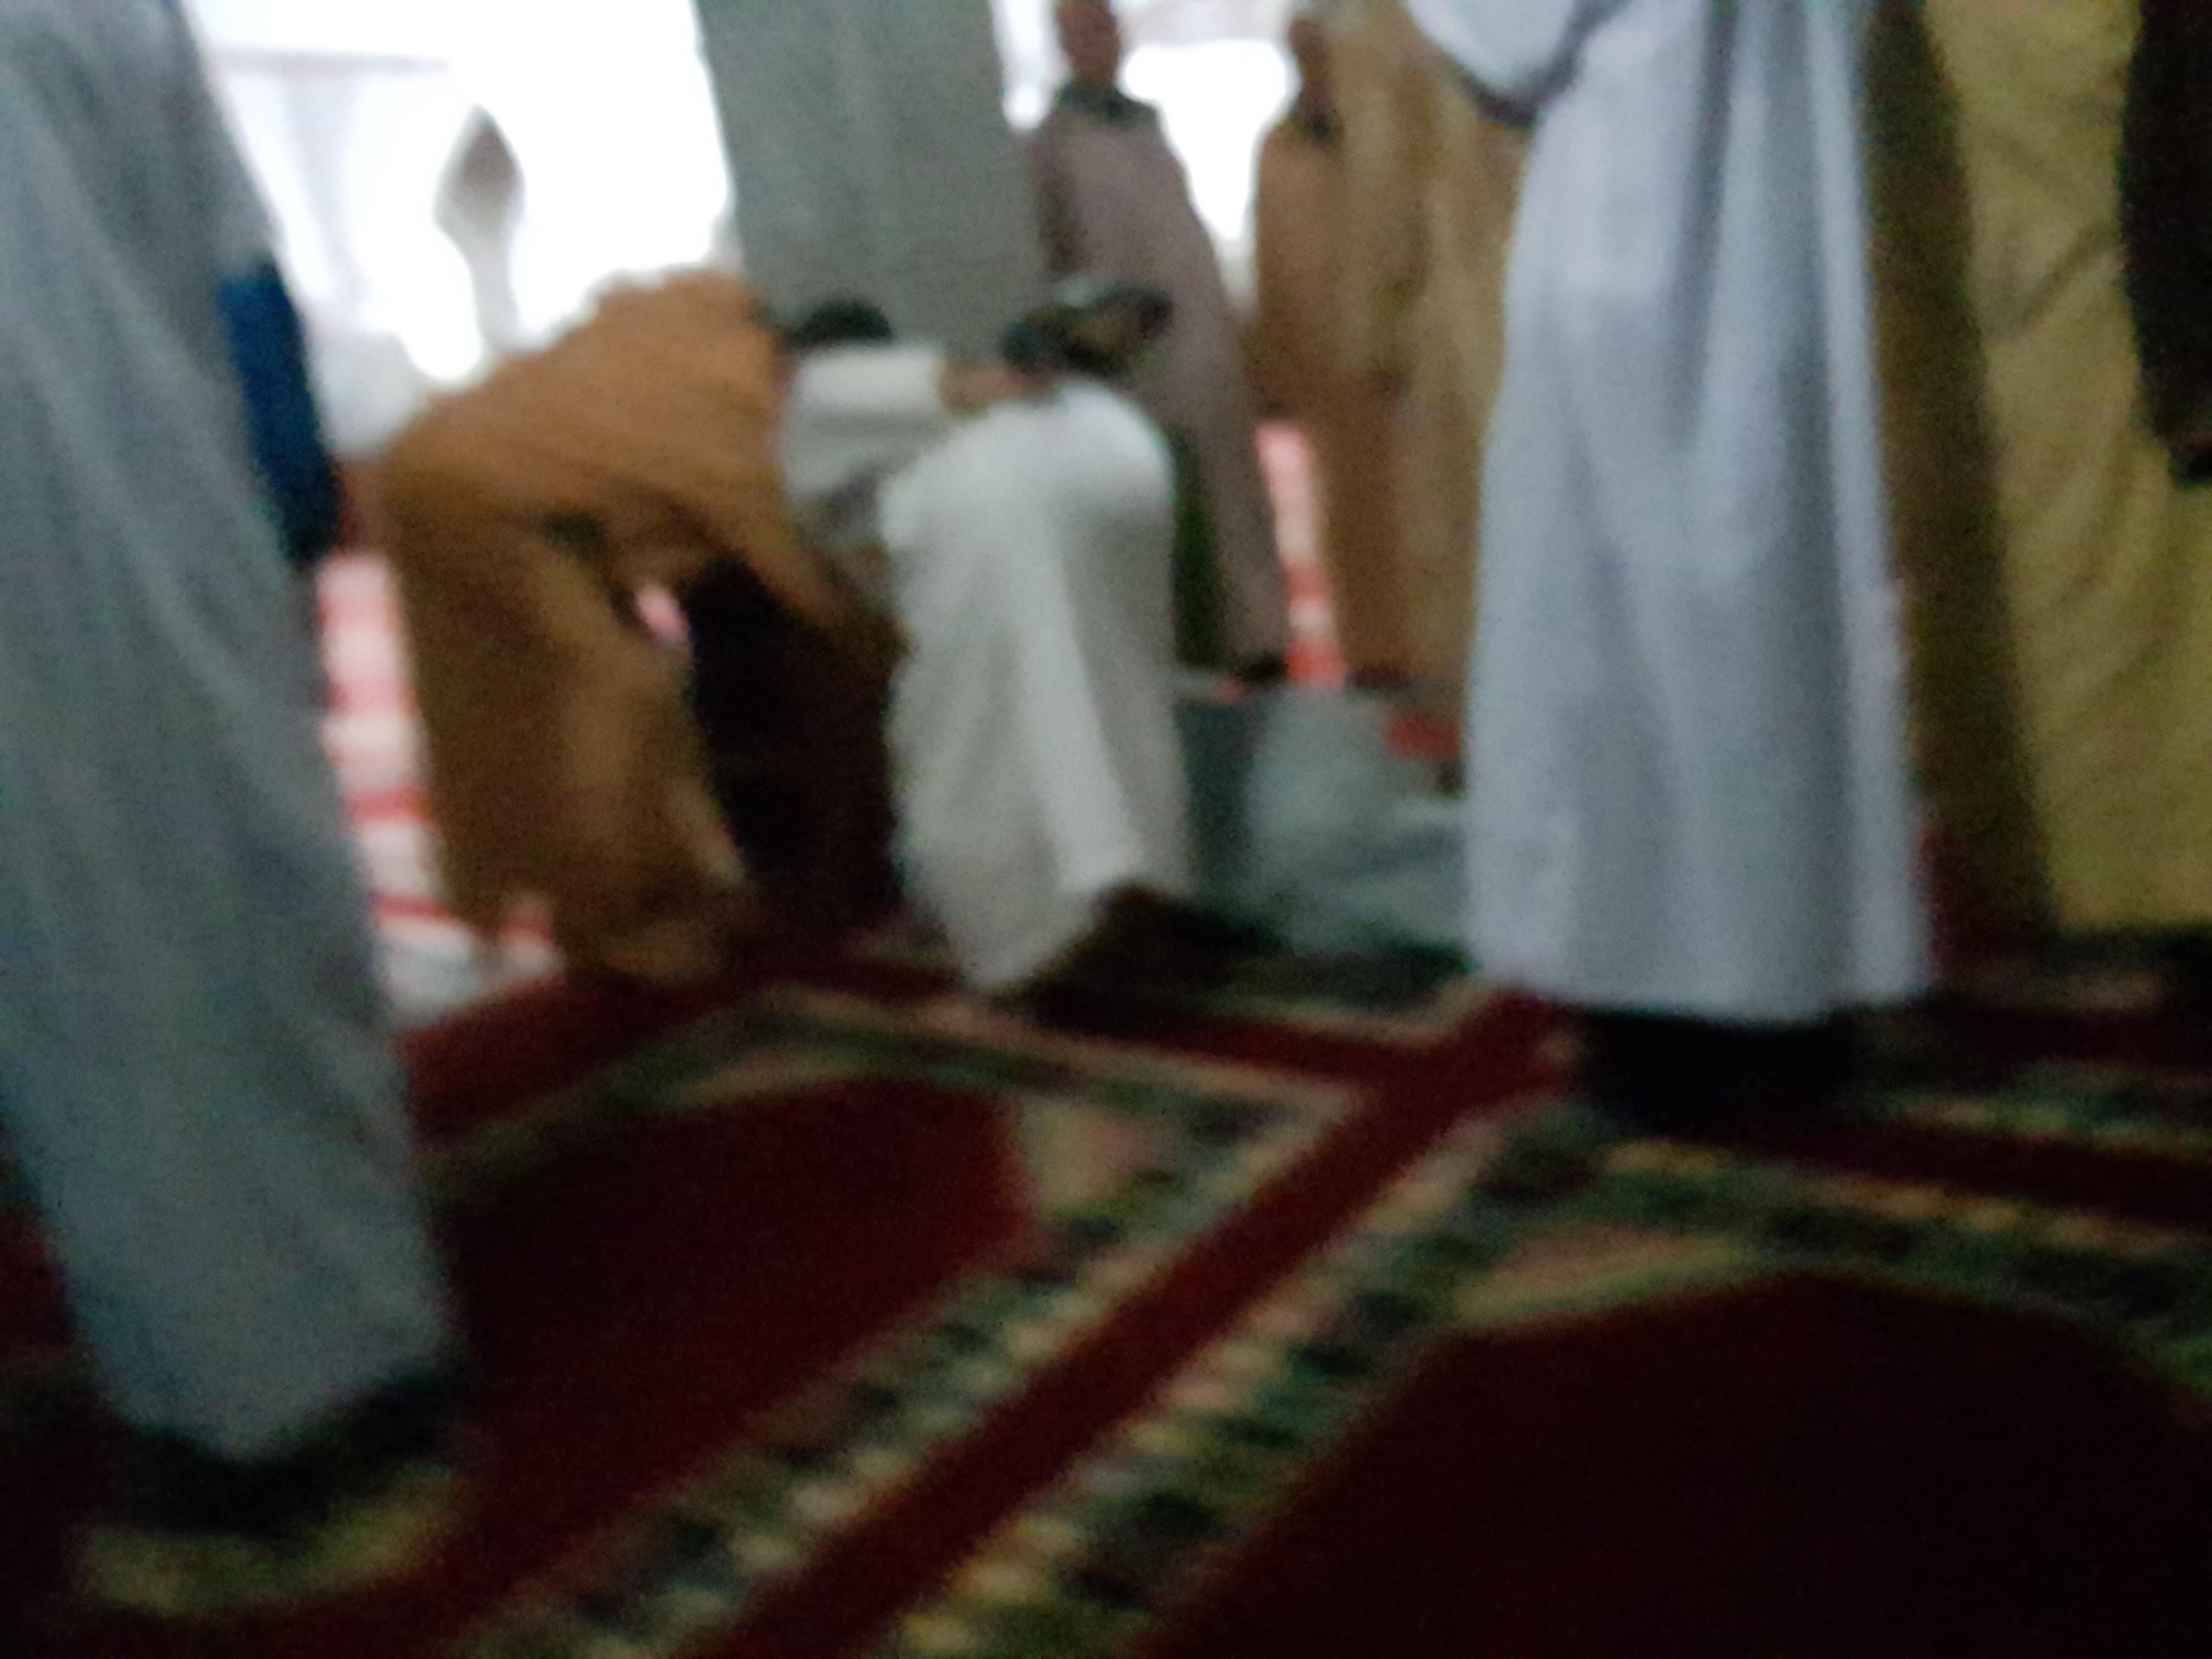 مختل عقلي يقتحم محراب مسجد السنة و يدب الذعر في جموع المصلين